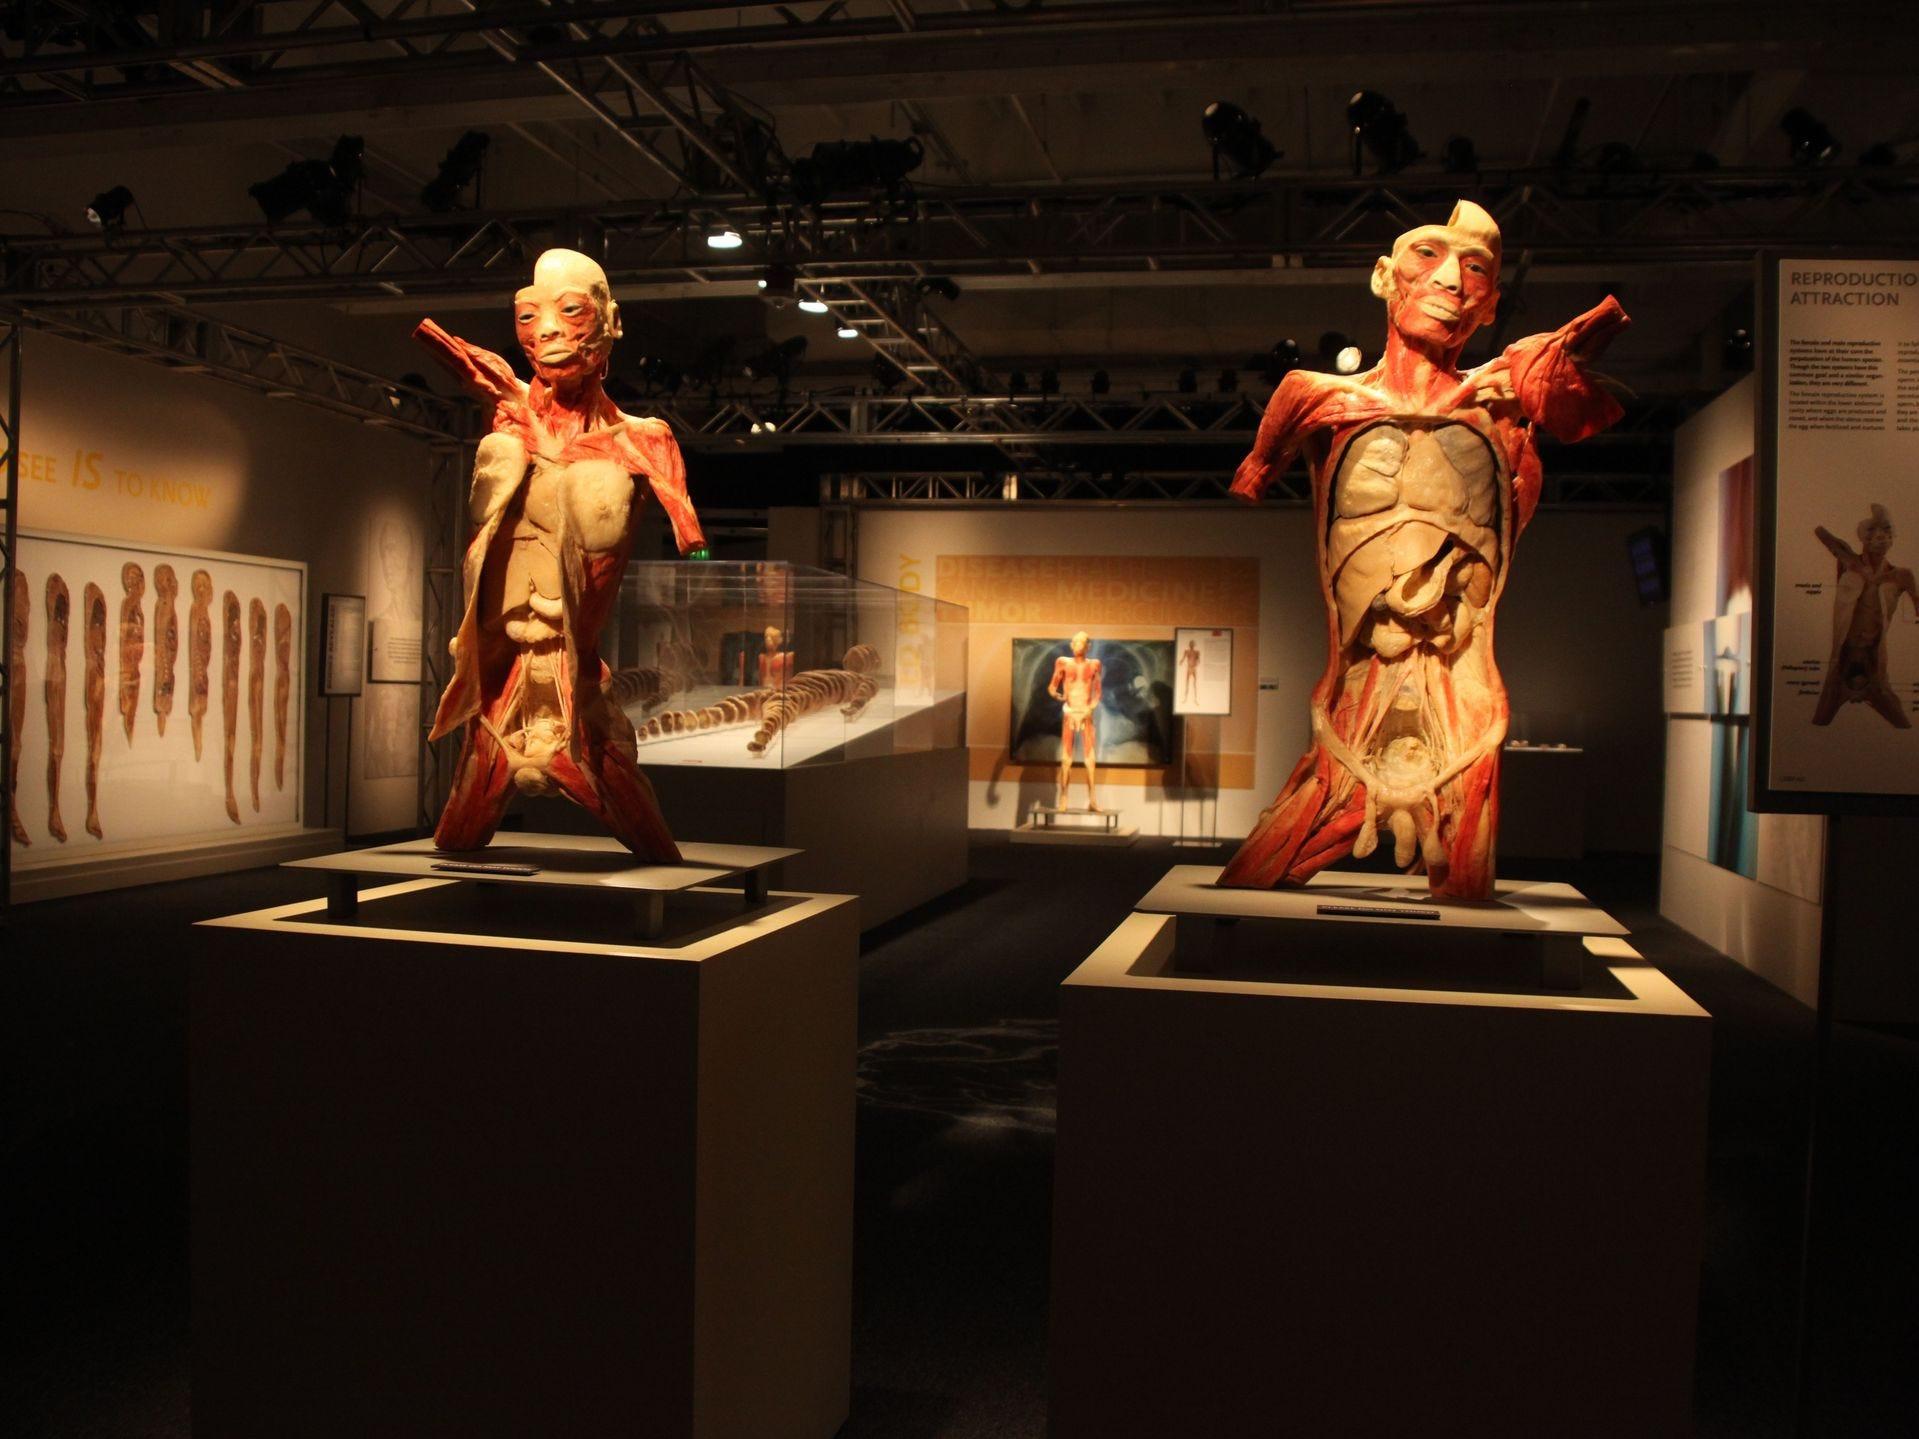 Cada una de las nueve galerías ofrece una visión detallada de una parte específica del cuerpo, su función e importancia para el resto del cuerpo.